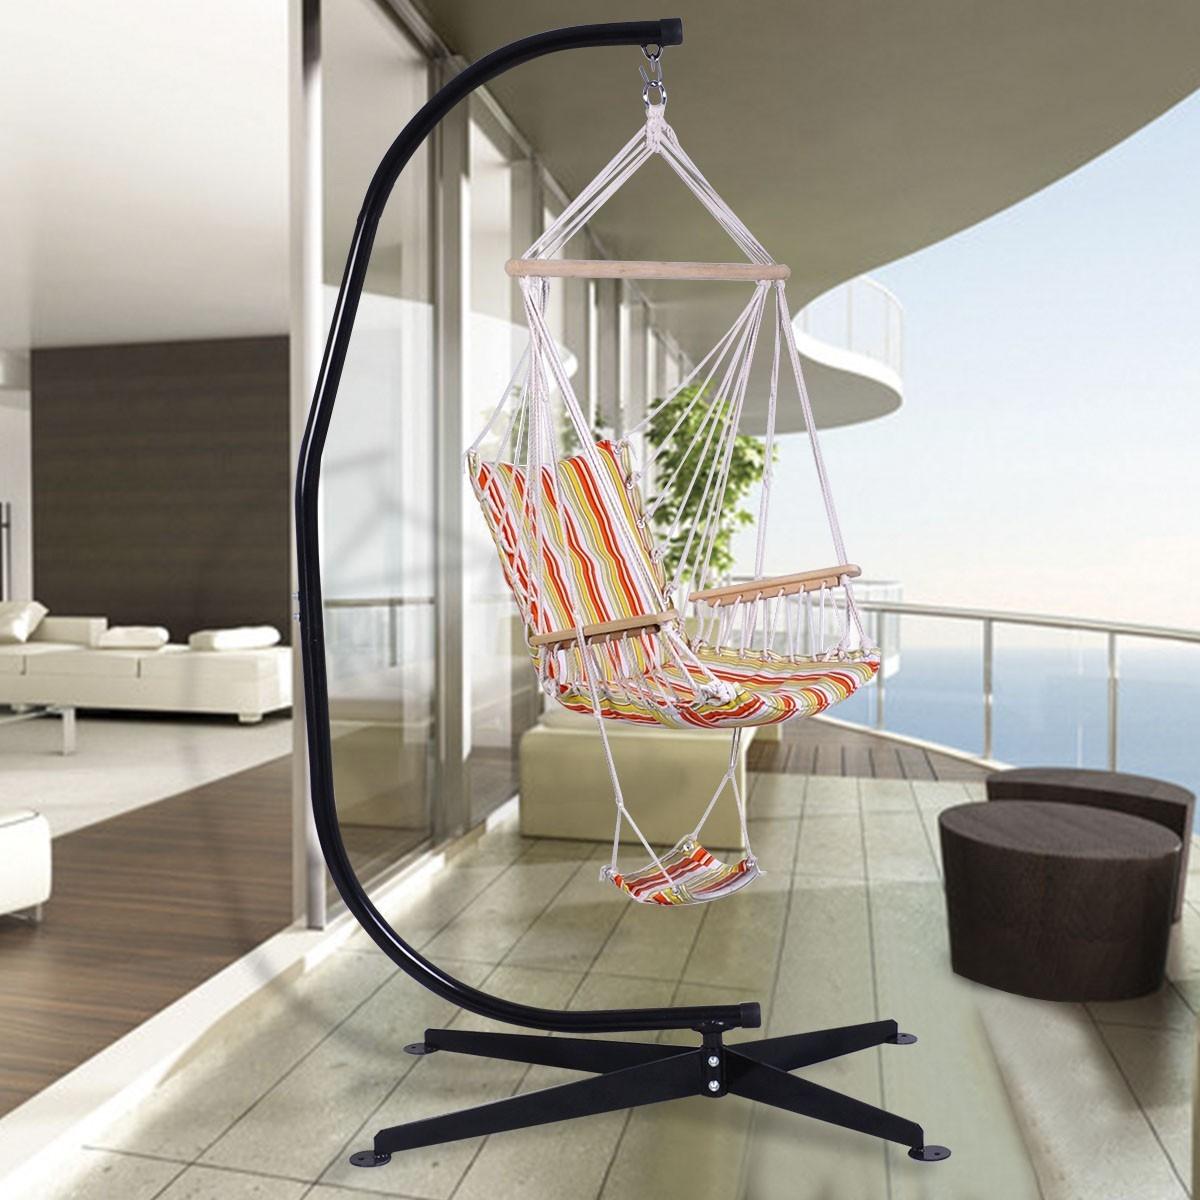 Costway Supporto per amaca a sedia Telaio in acciaio per amaca a forma C carico 150kg